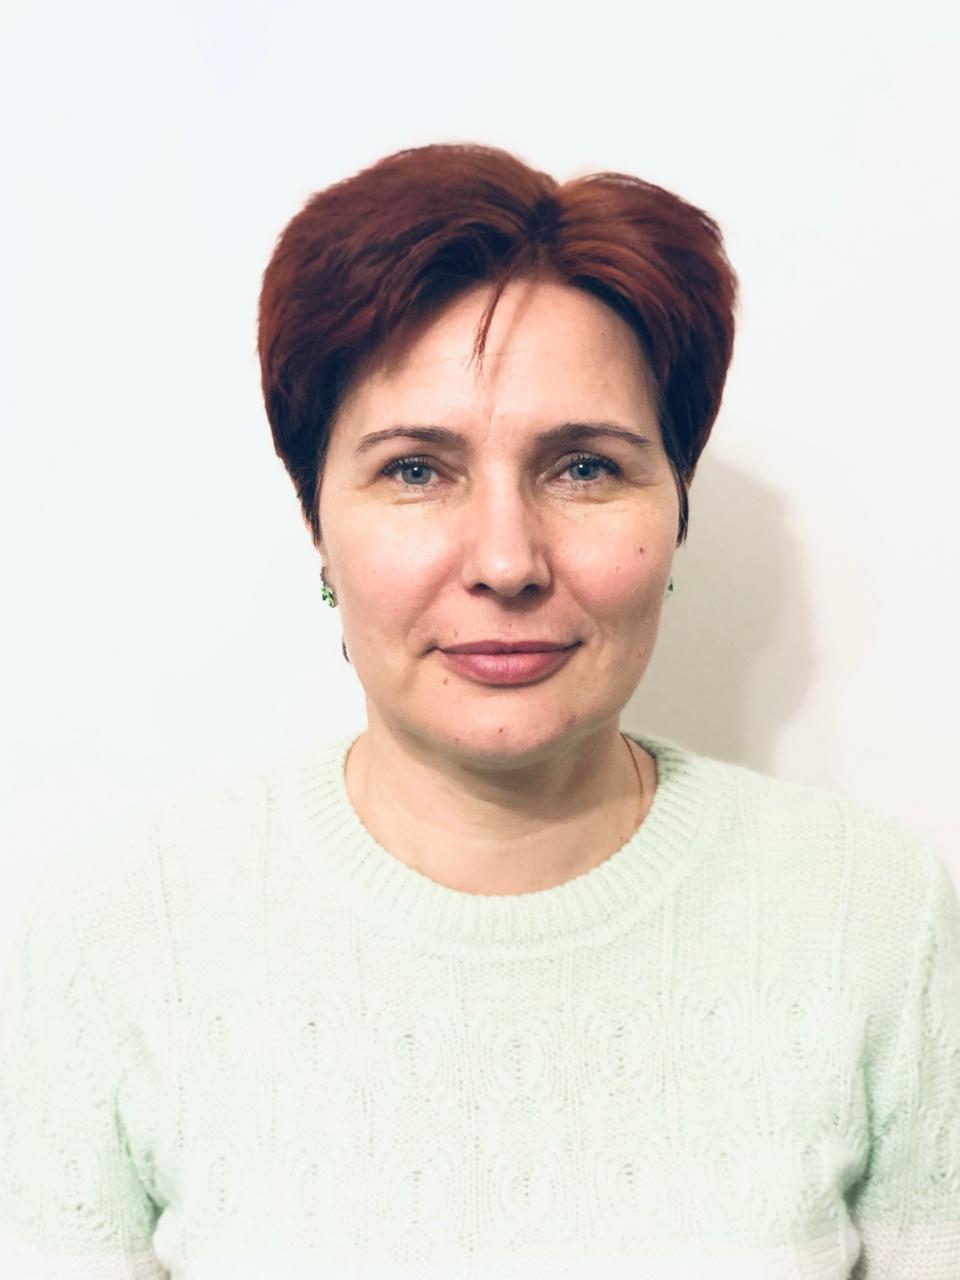 Москалева Анжелика - РЦ Атмосфера